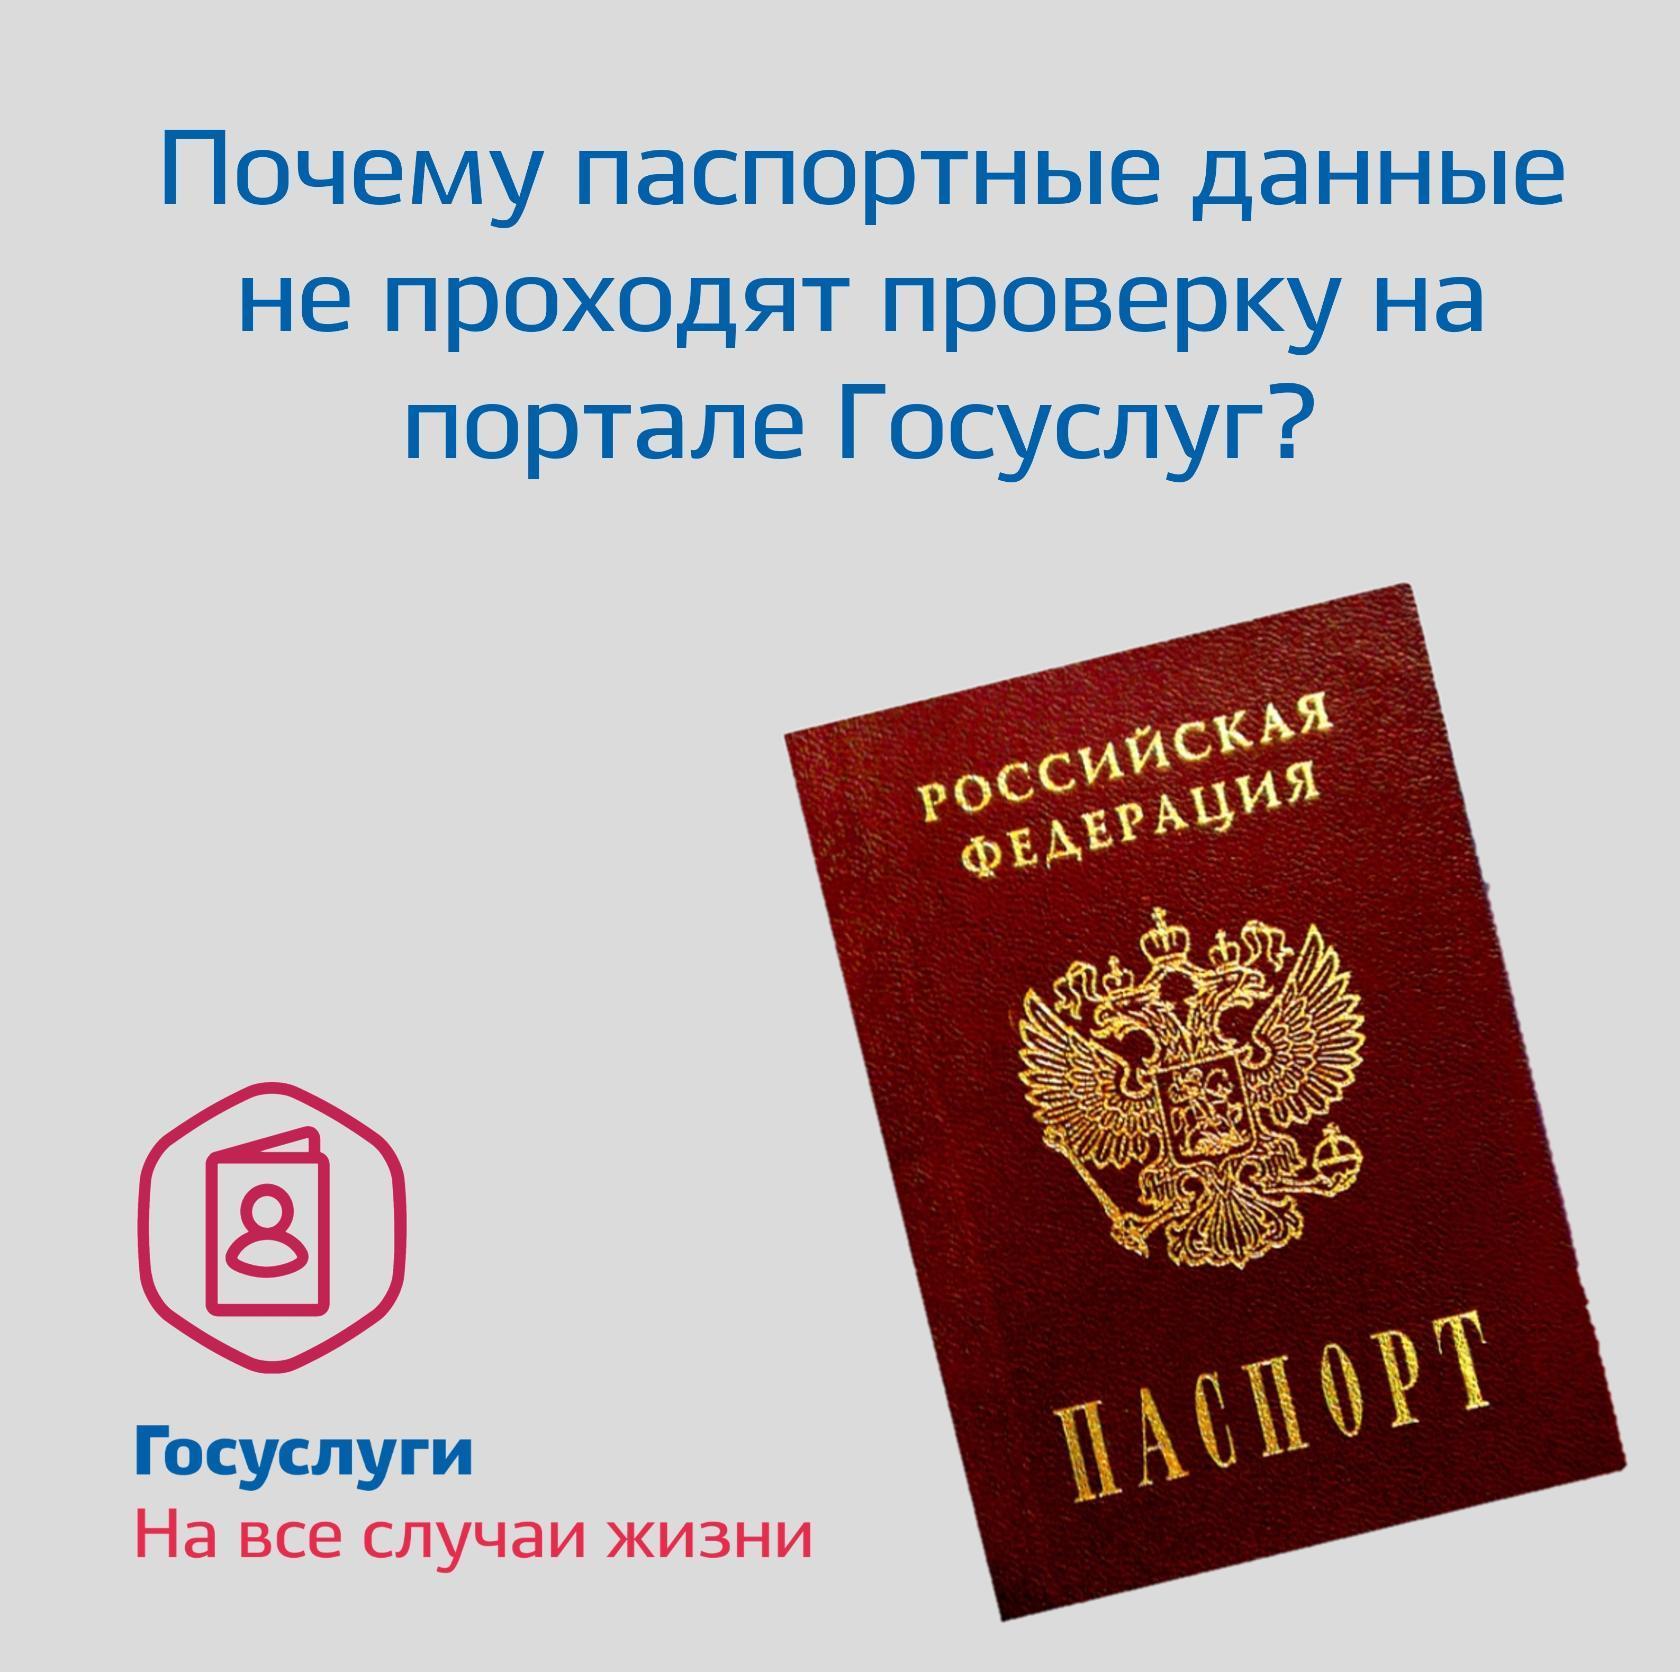 Госуслуги, не проходит проверку паспорт